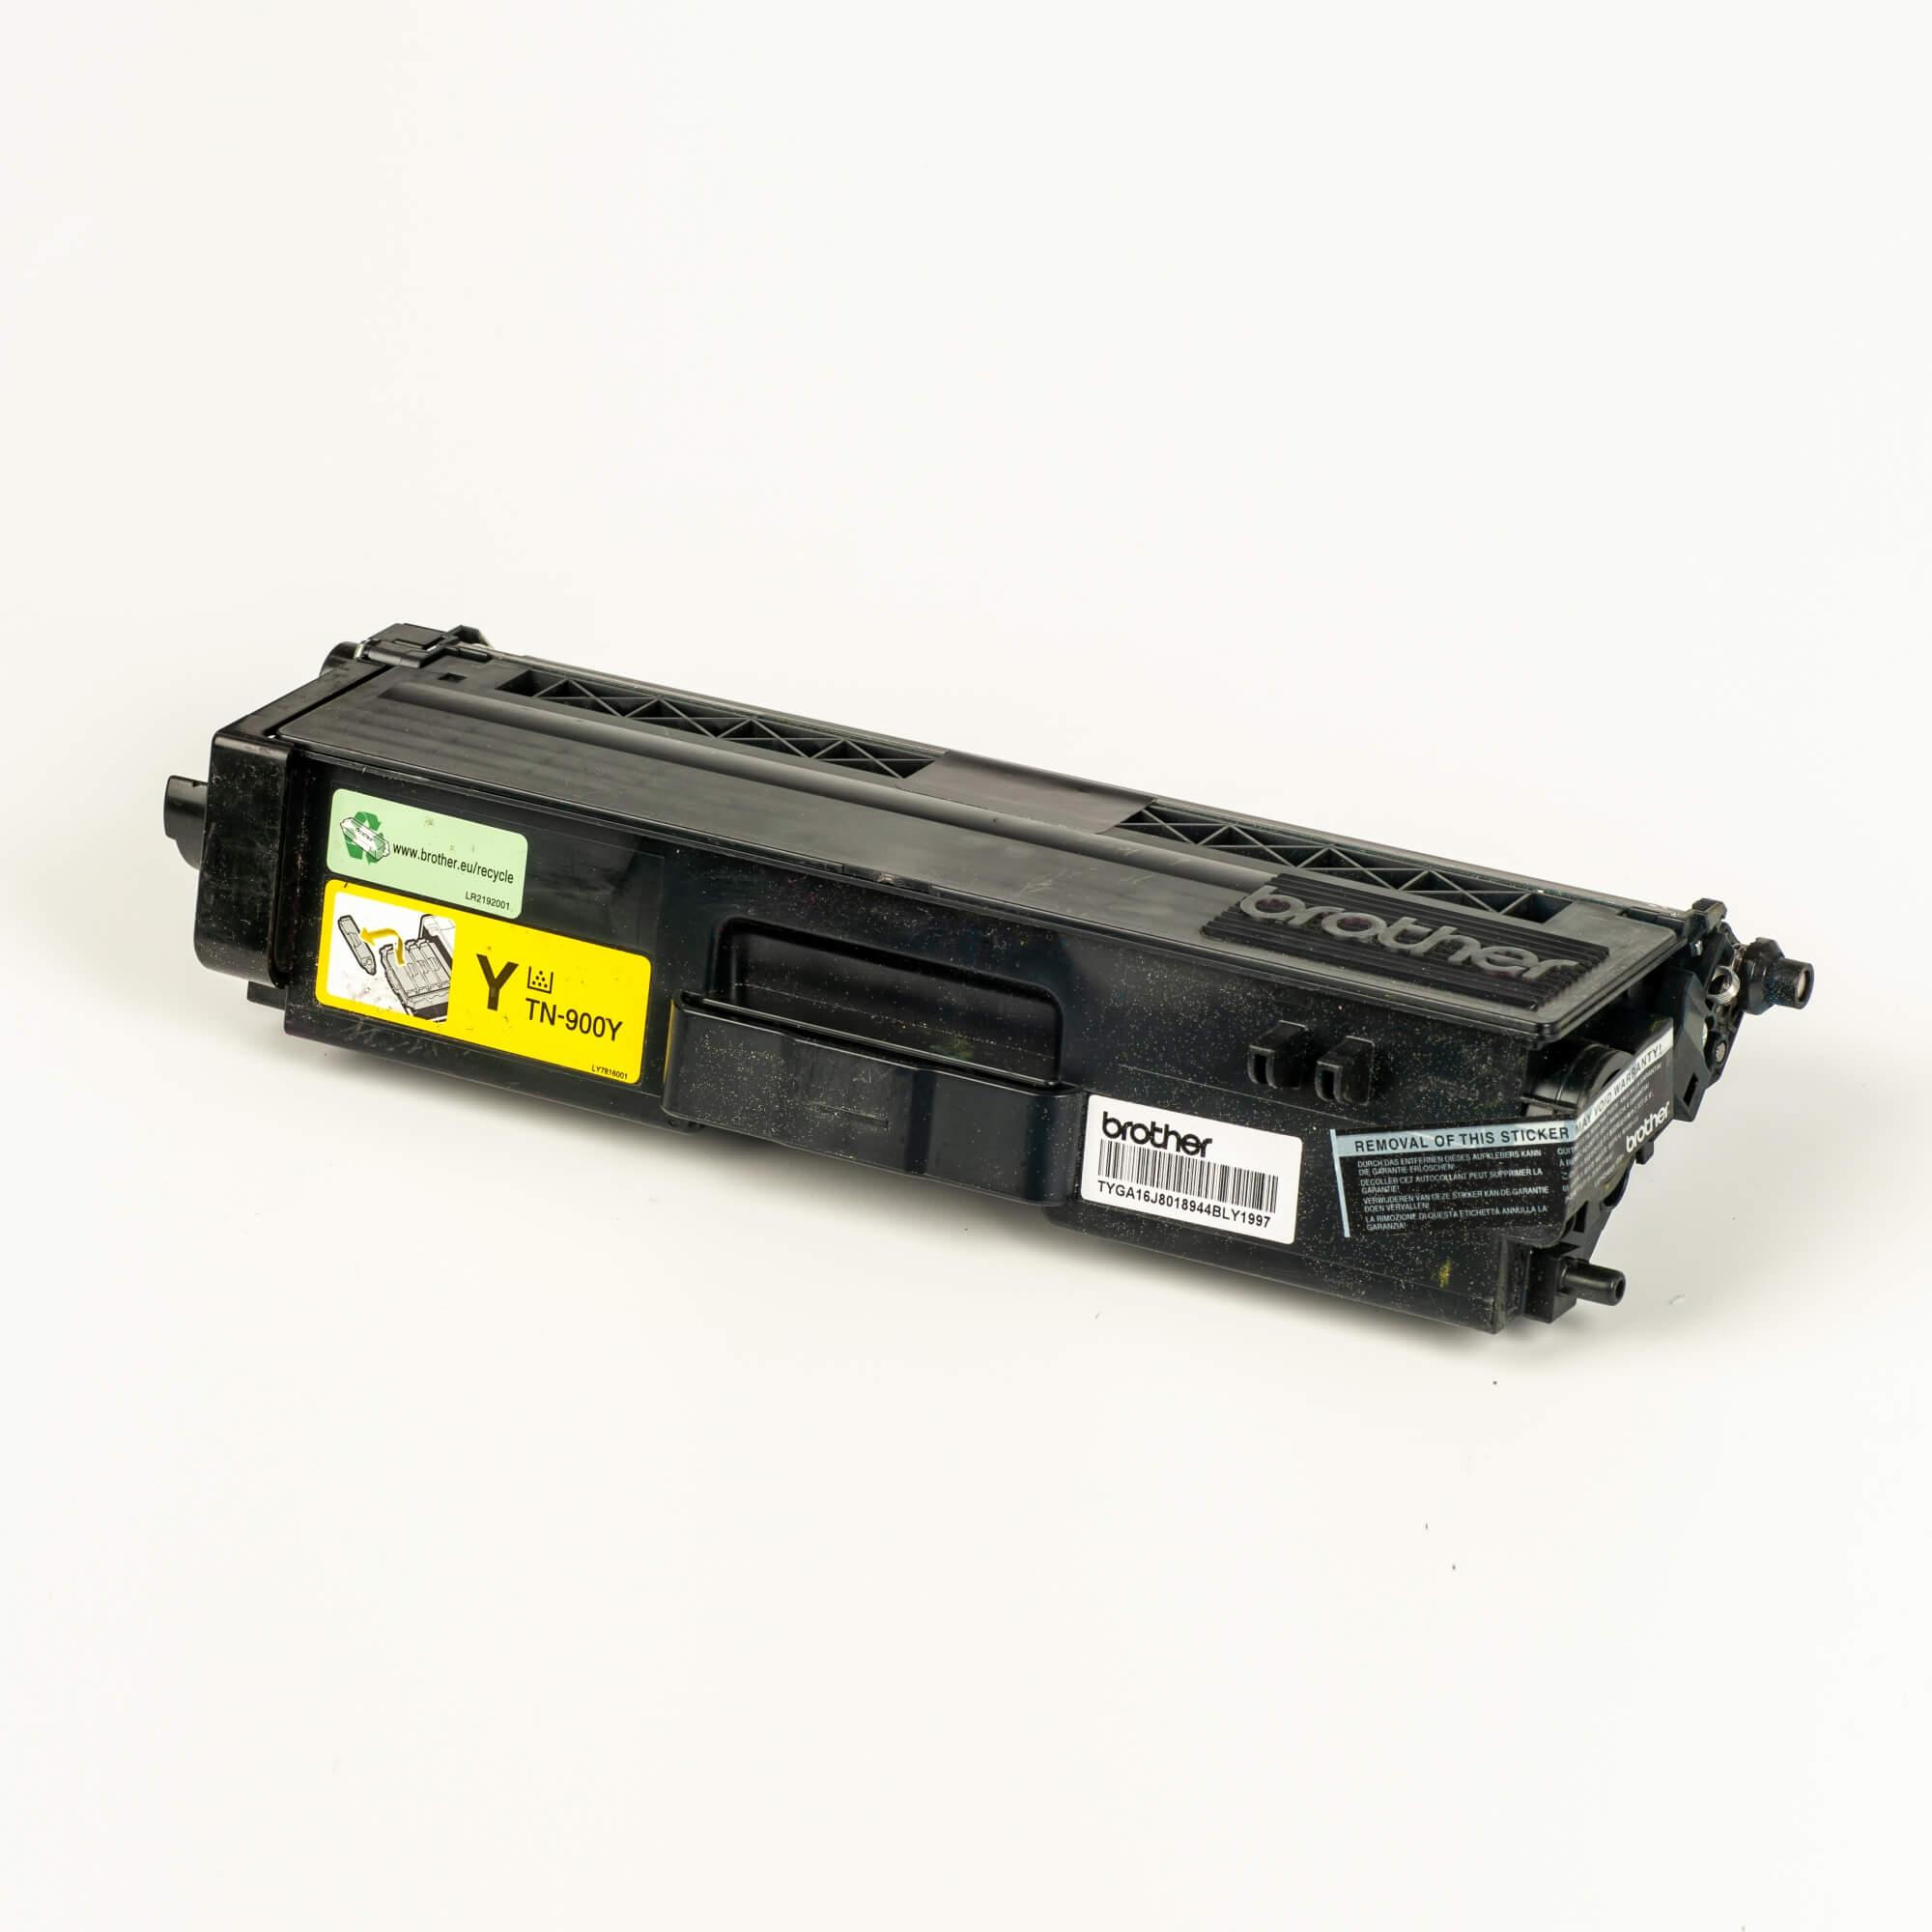 Auf dem Bild sehen Sie eine Brother Original Super-Jumbo-Tonerkassette TN-900Y gelb